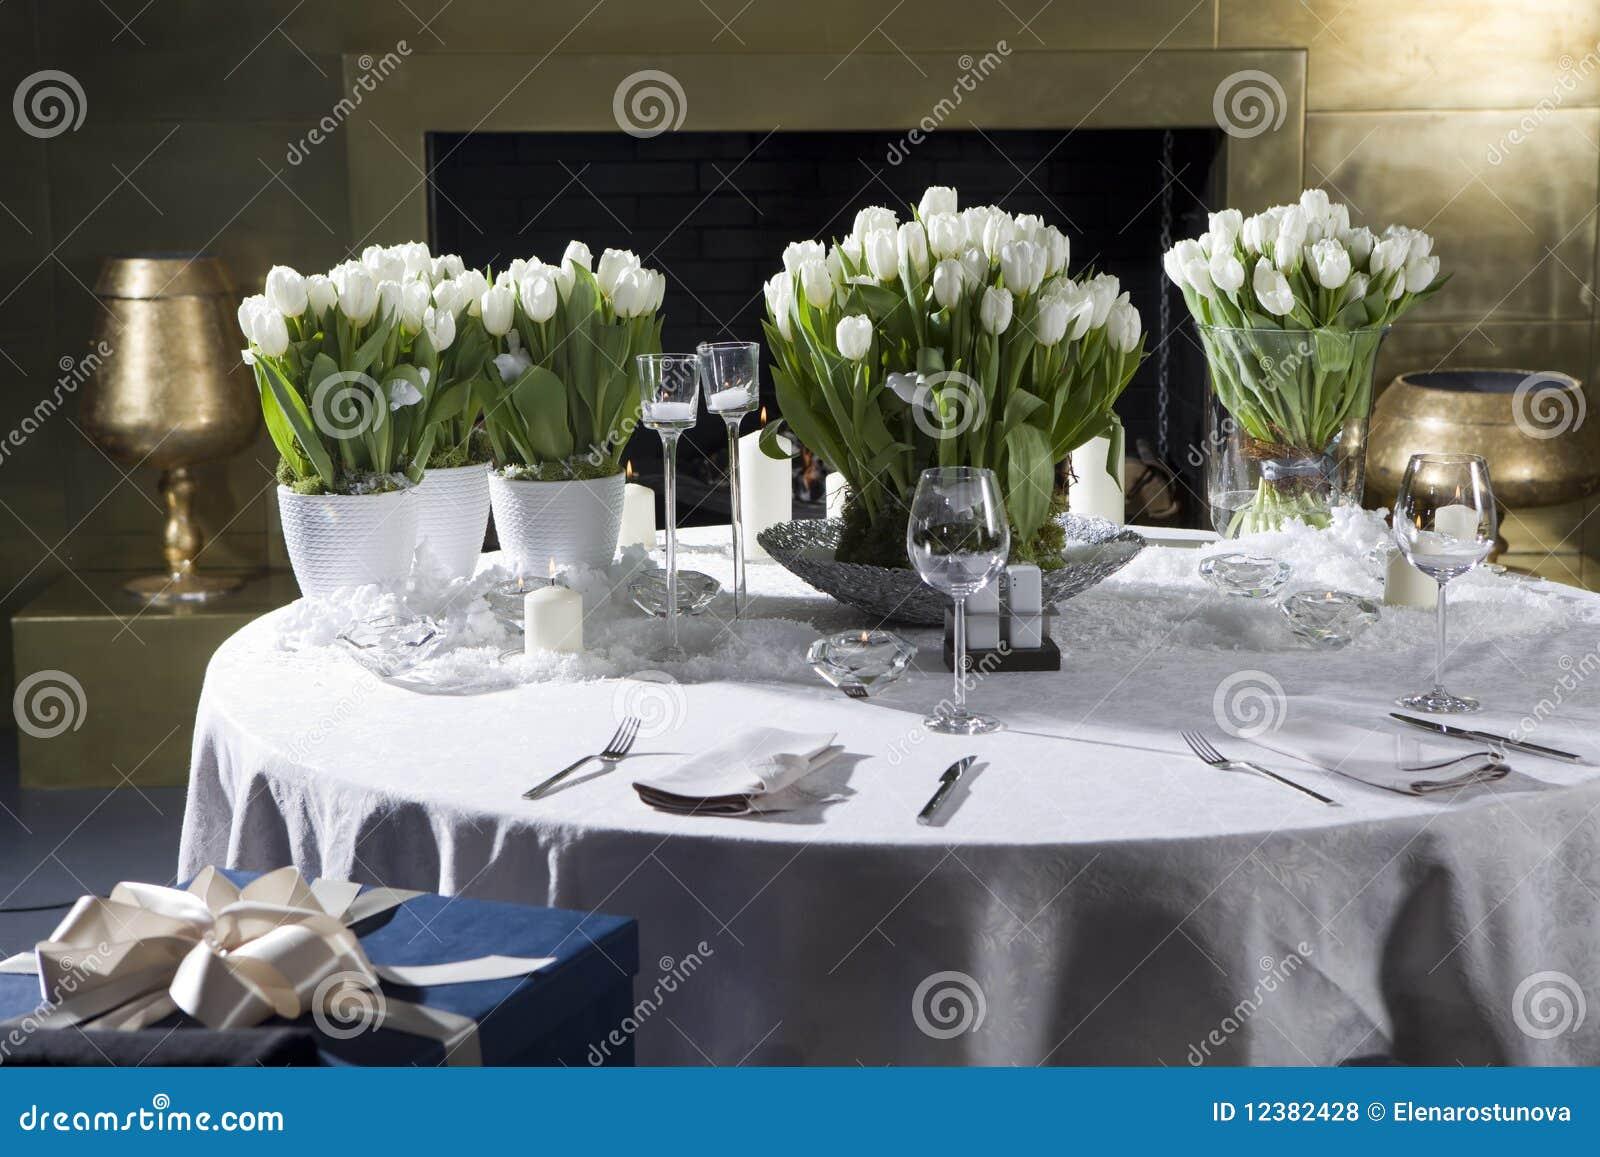 Decoratie voor op eettafel amazing sponsored links with for Decoratie op eettafel